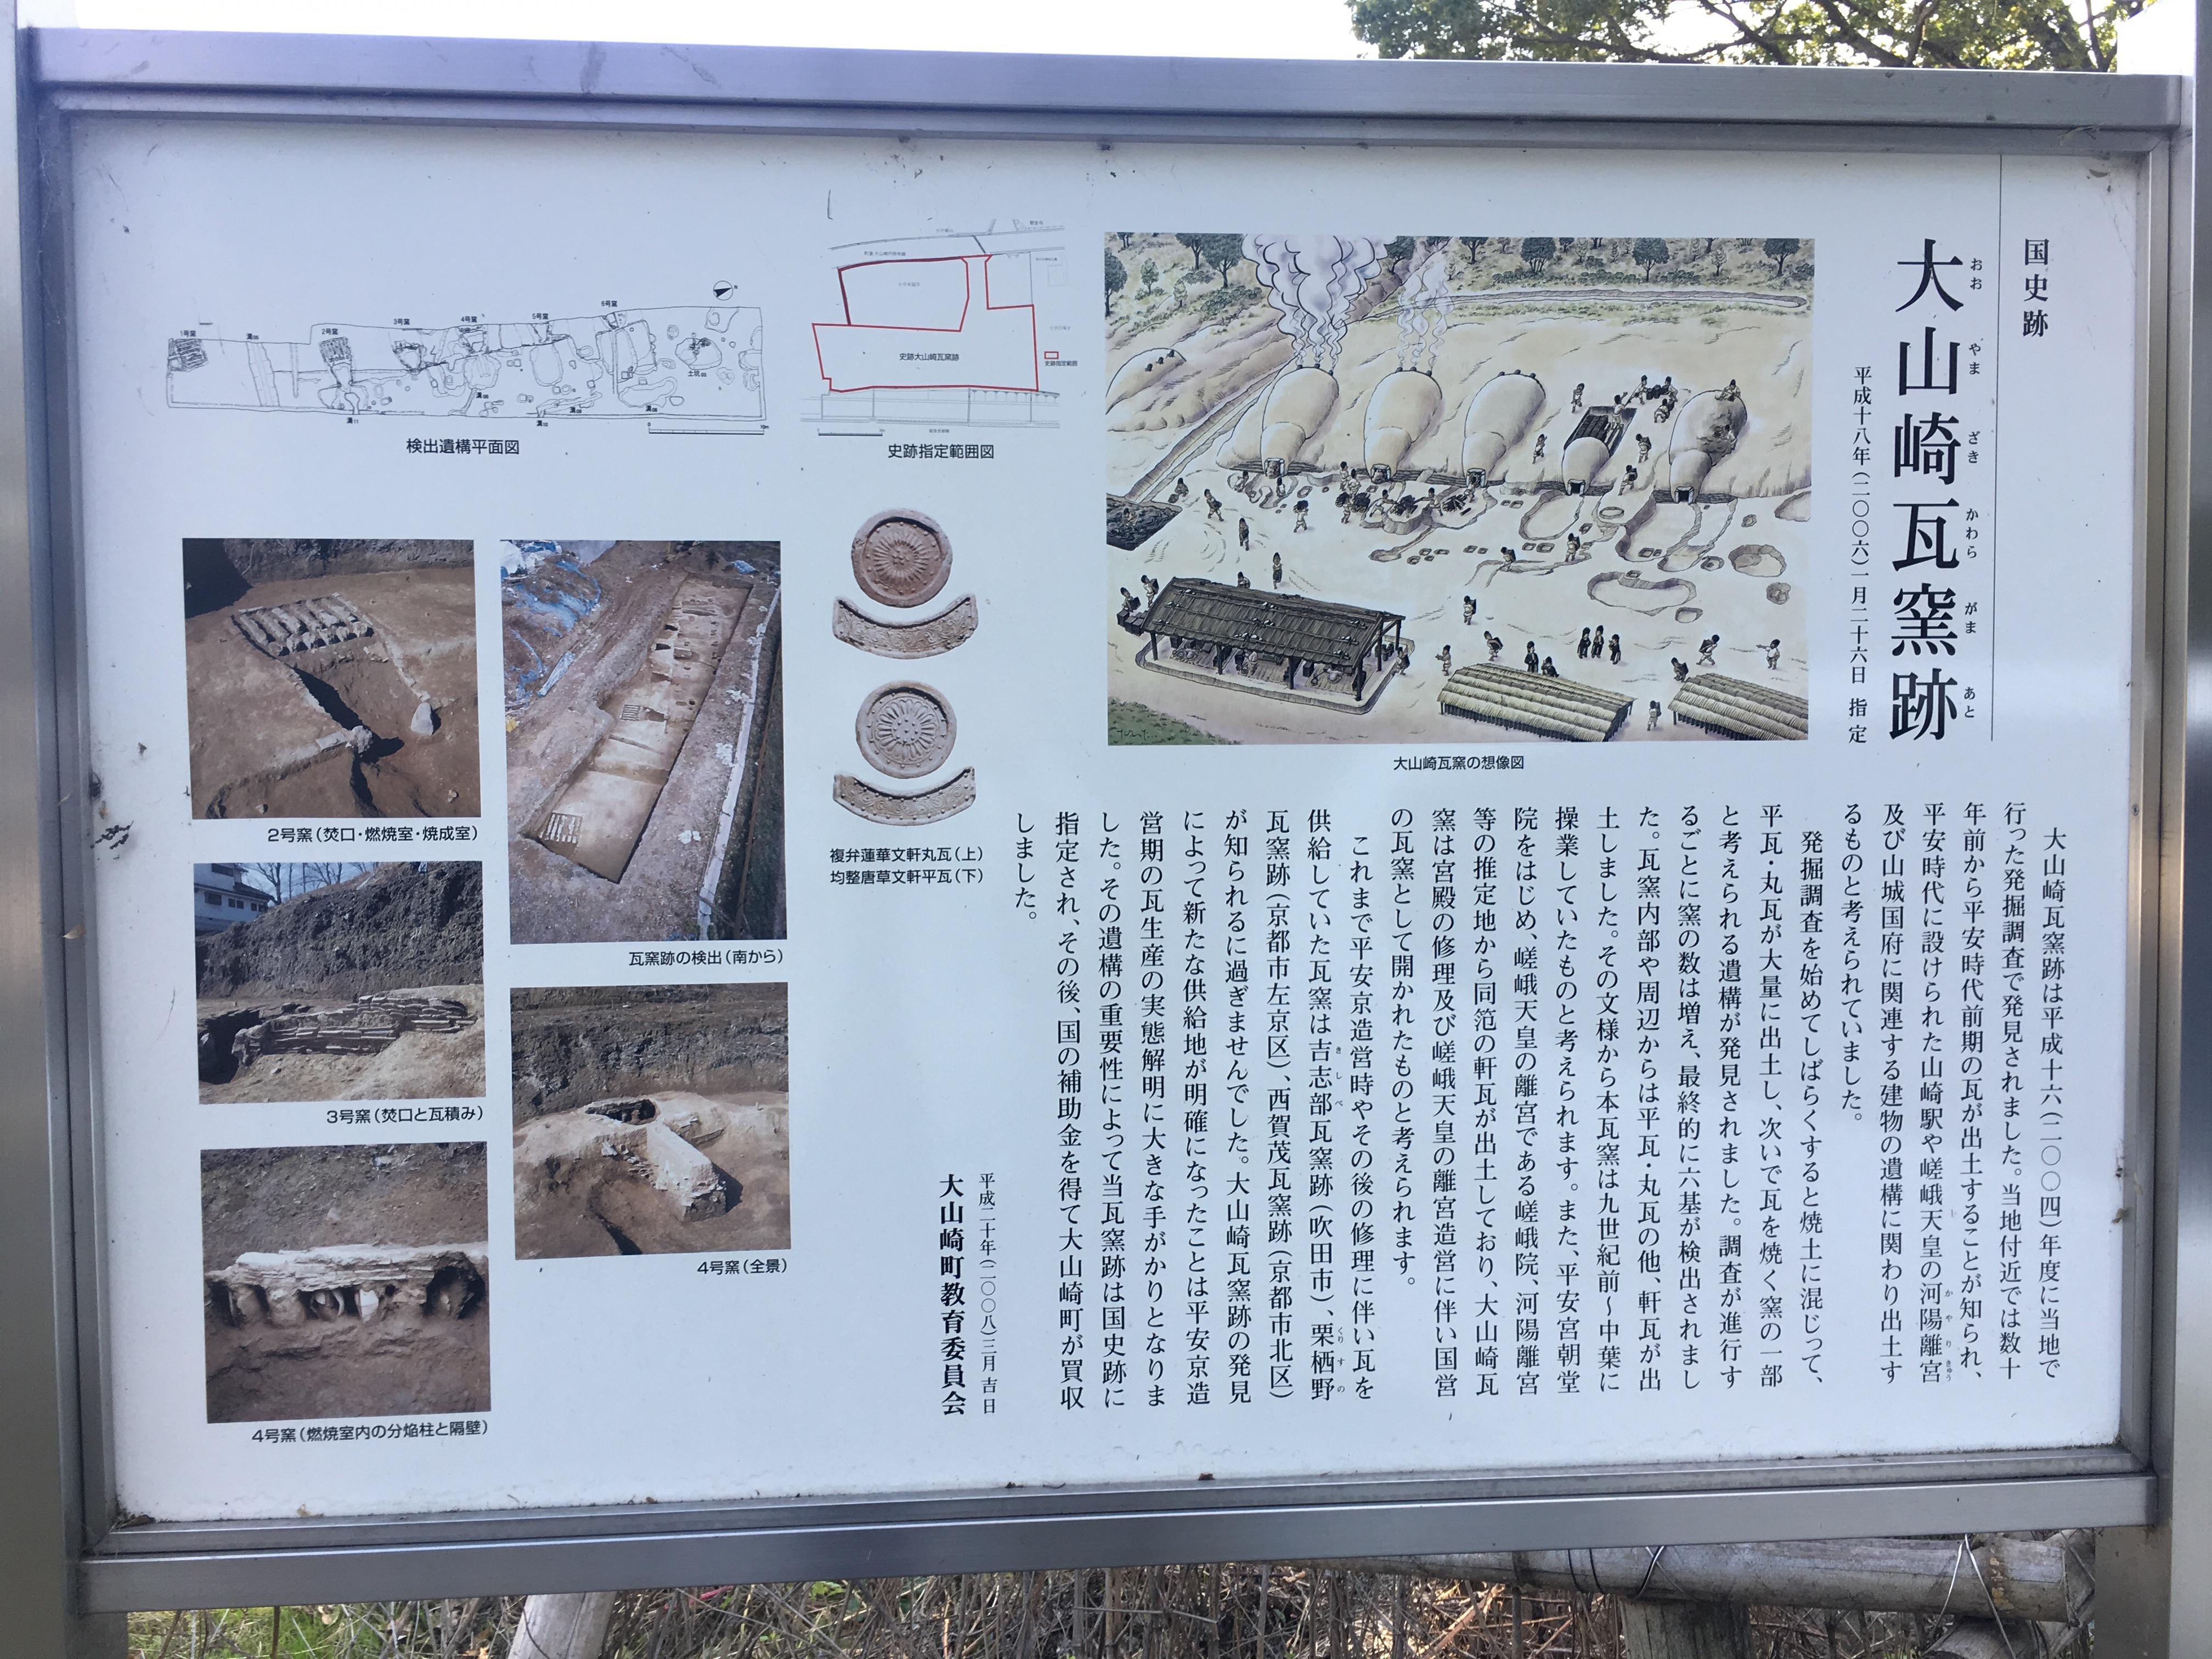 大山崎町171026-2の画像